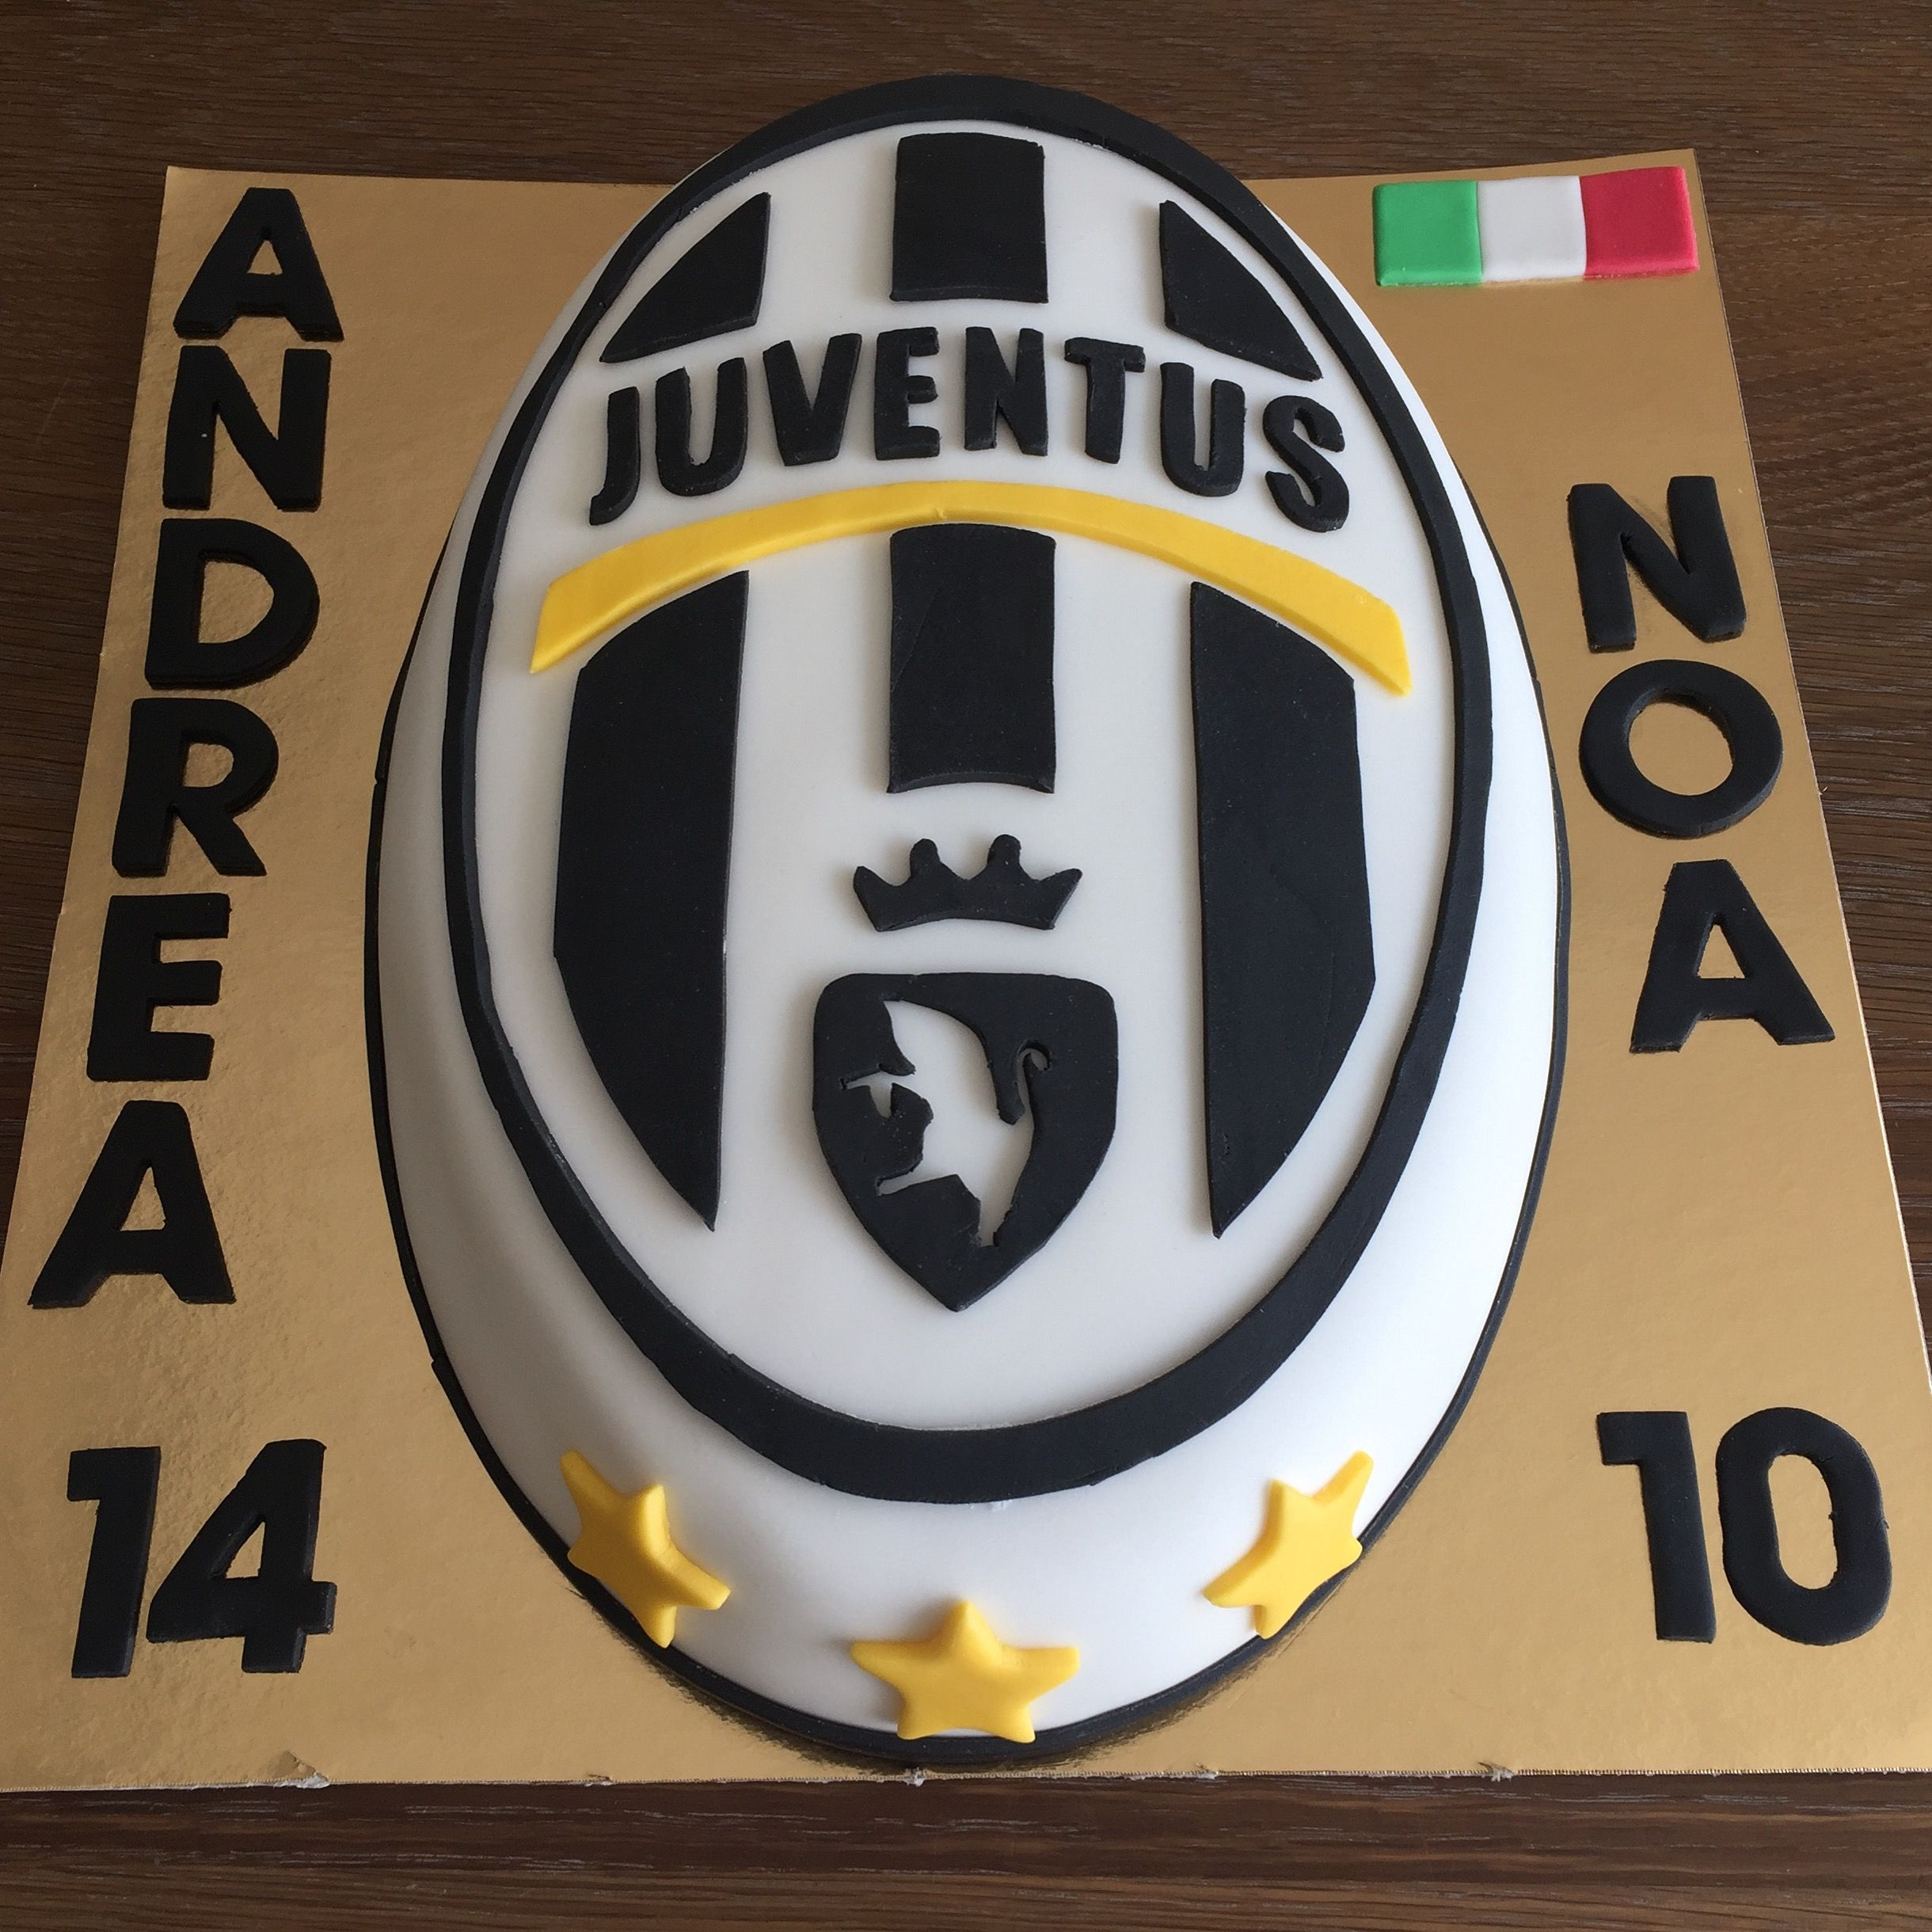 juventus birthday cake gâteau anniversaire juventus   torte juve ... - Decorazioni Torte Juventus